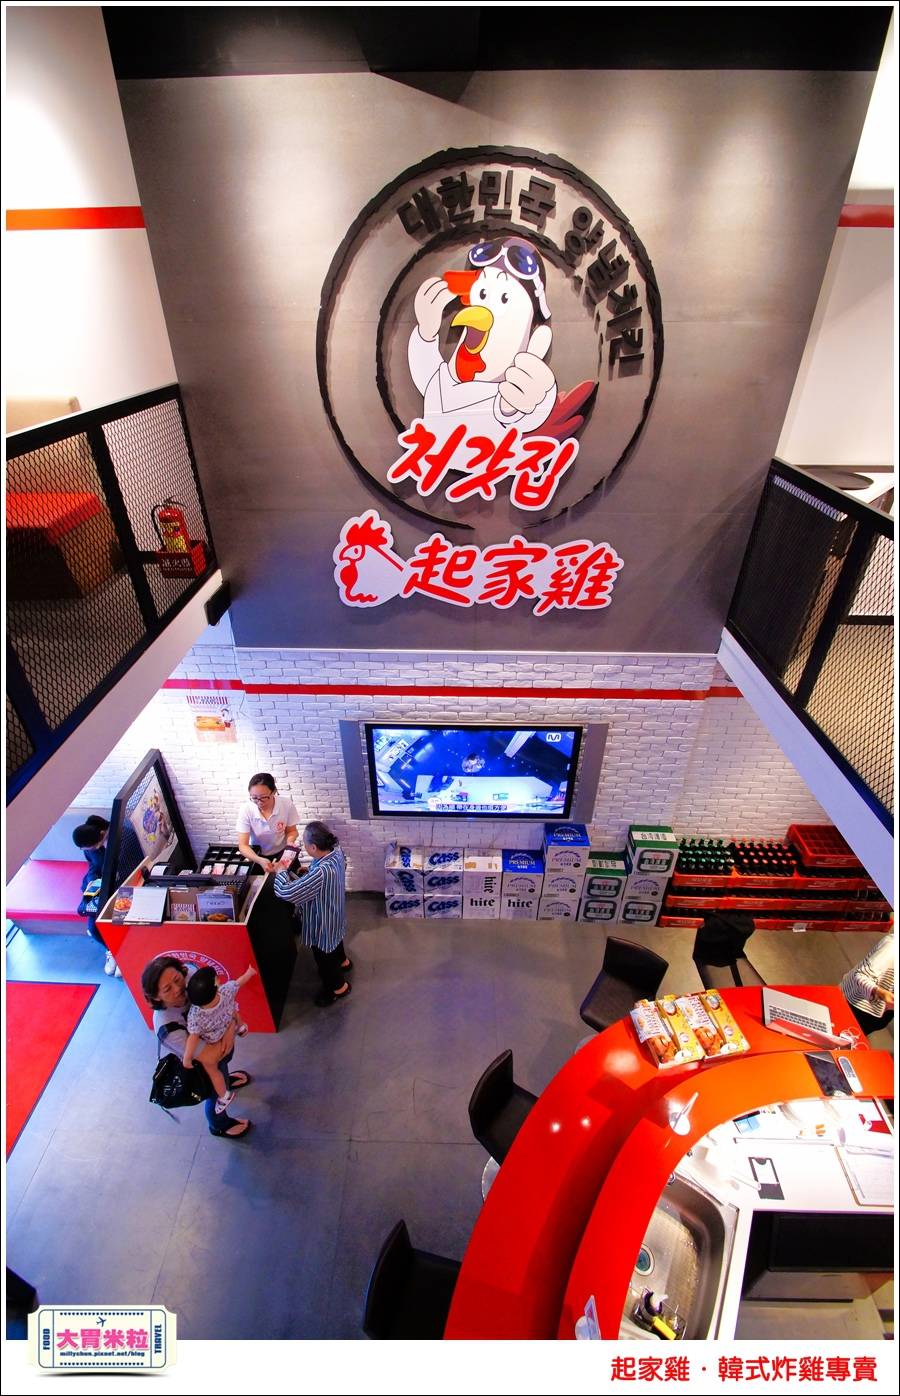 台北韓式炸雞推薦@起家雞Cheogajip哇樂炸雞@大胃米粒0010.jpg